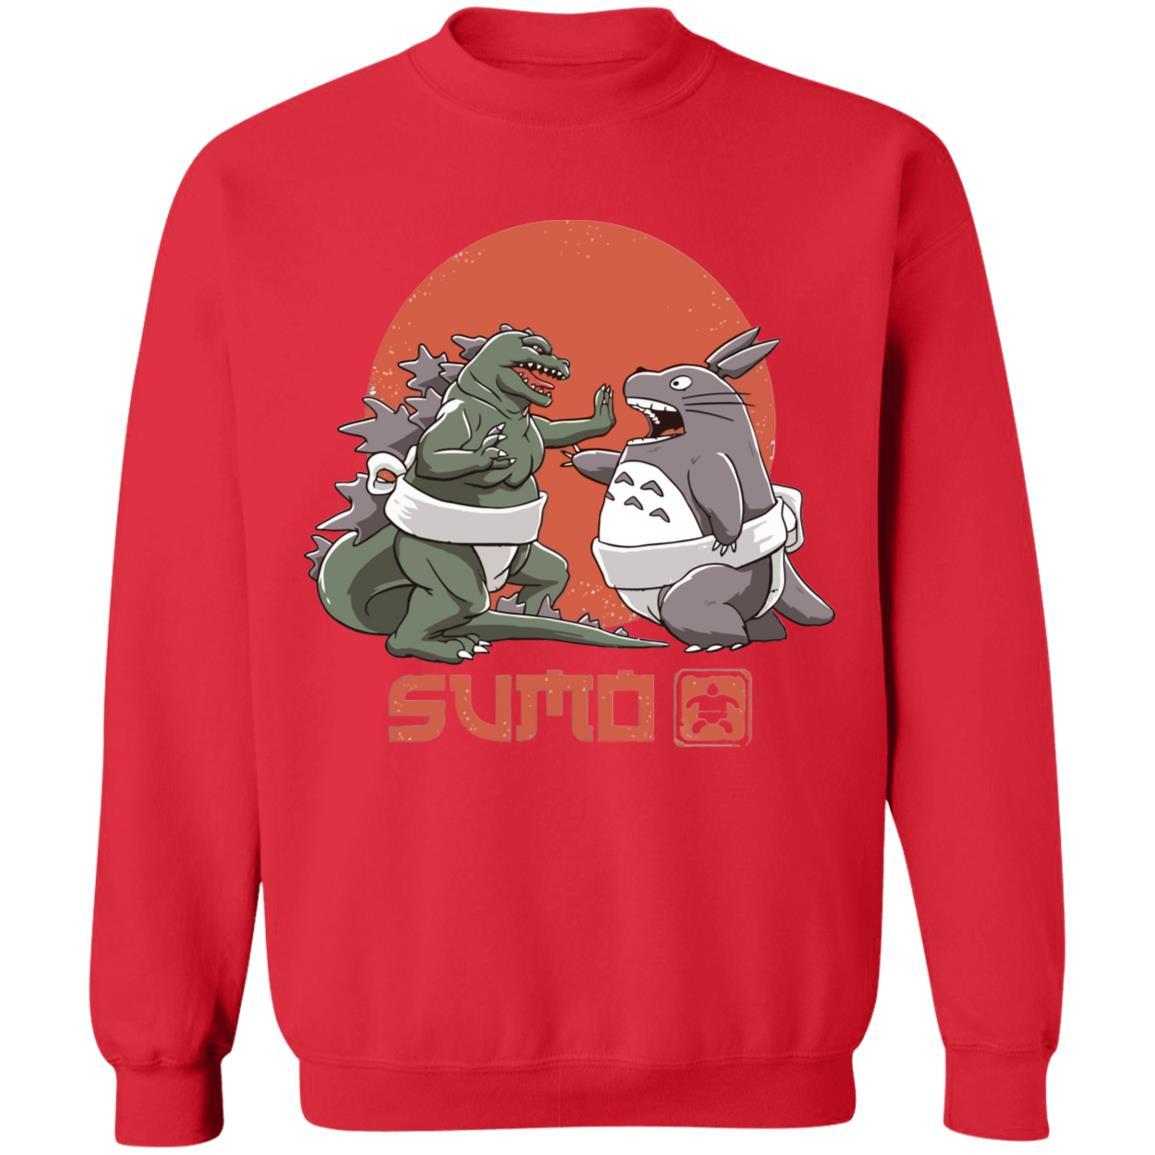 Totoro vs. Godzilla Sumo Sweatshirt